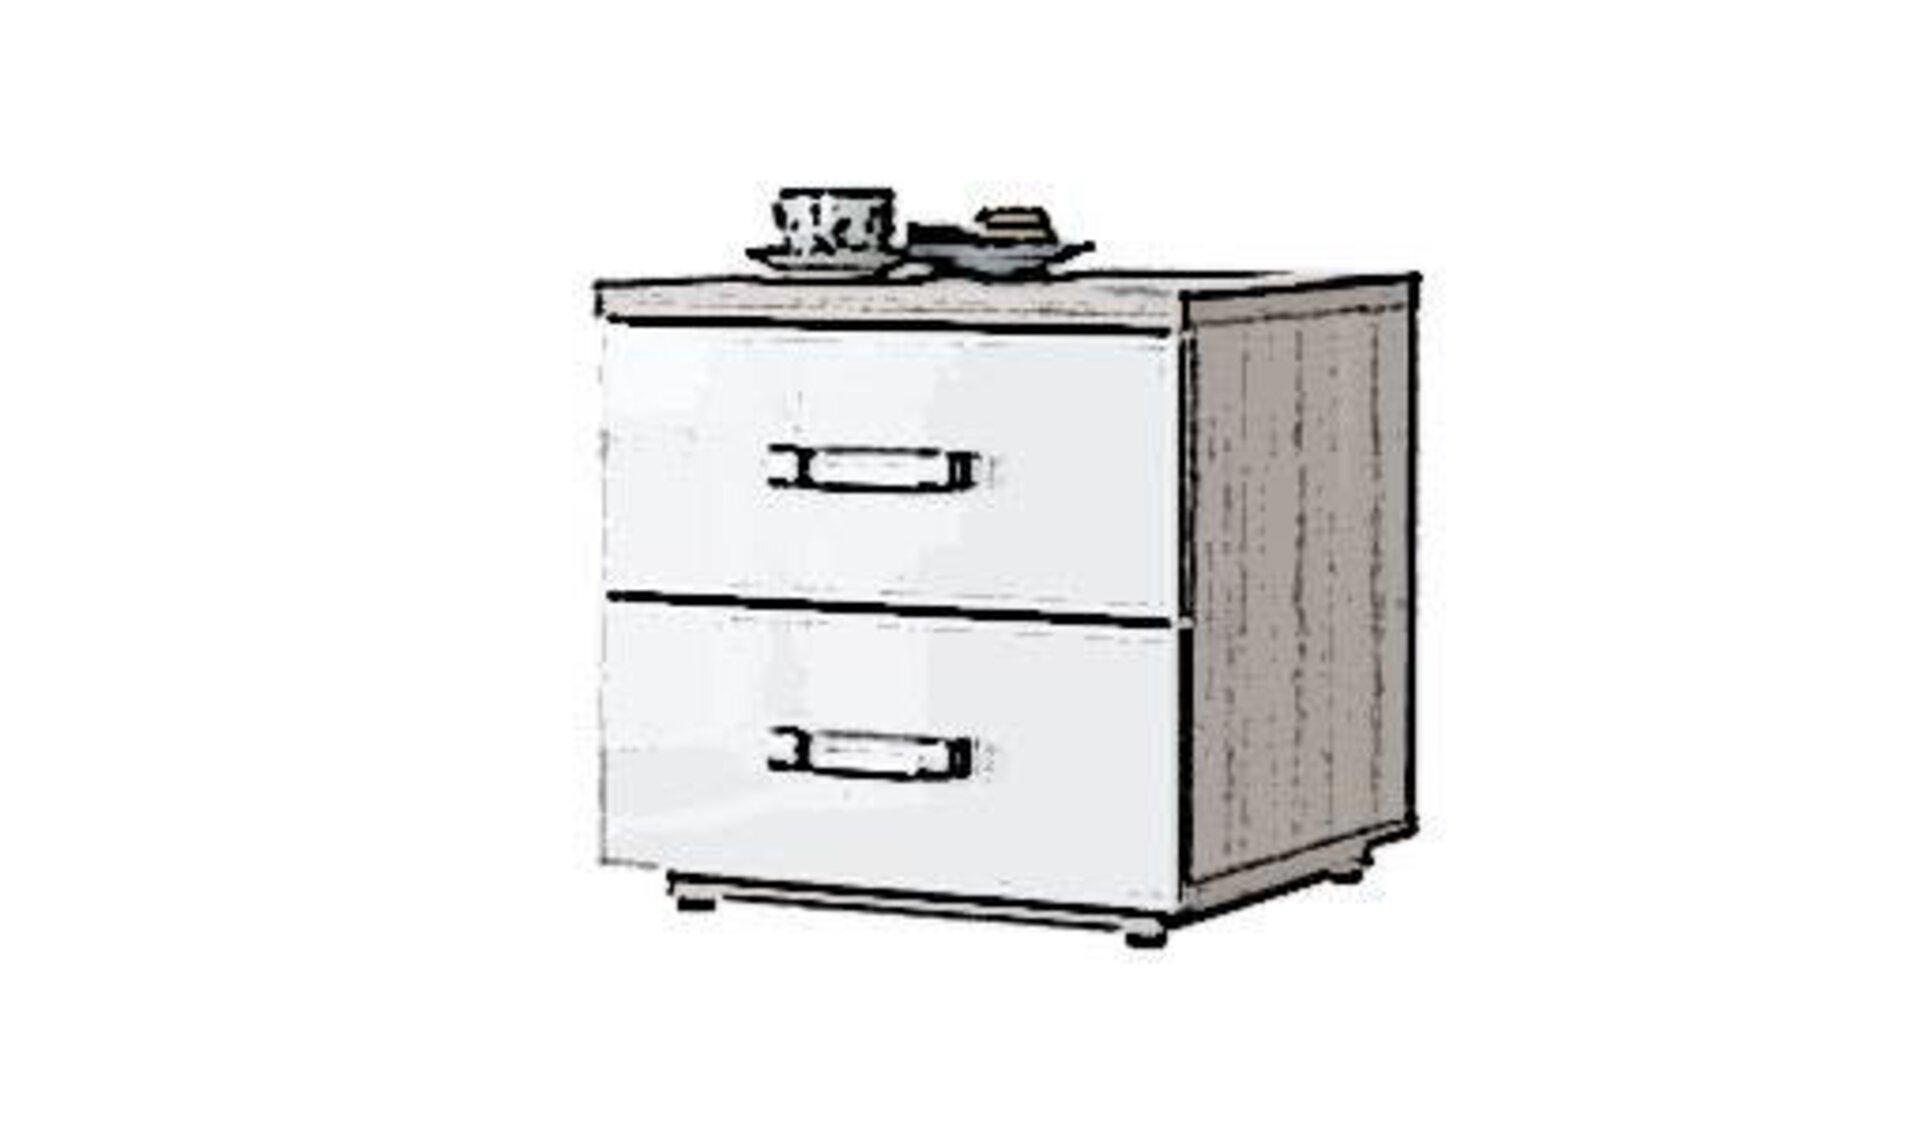 Icon für Nachttisch ist ein Holzquader mit zwei Schubladen, die zum Kontrast eine weiße Front und geradlinige Edelstahlgriffe haben.